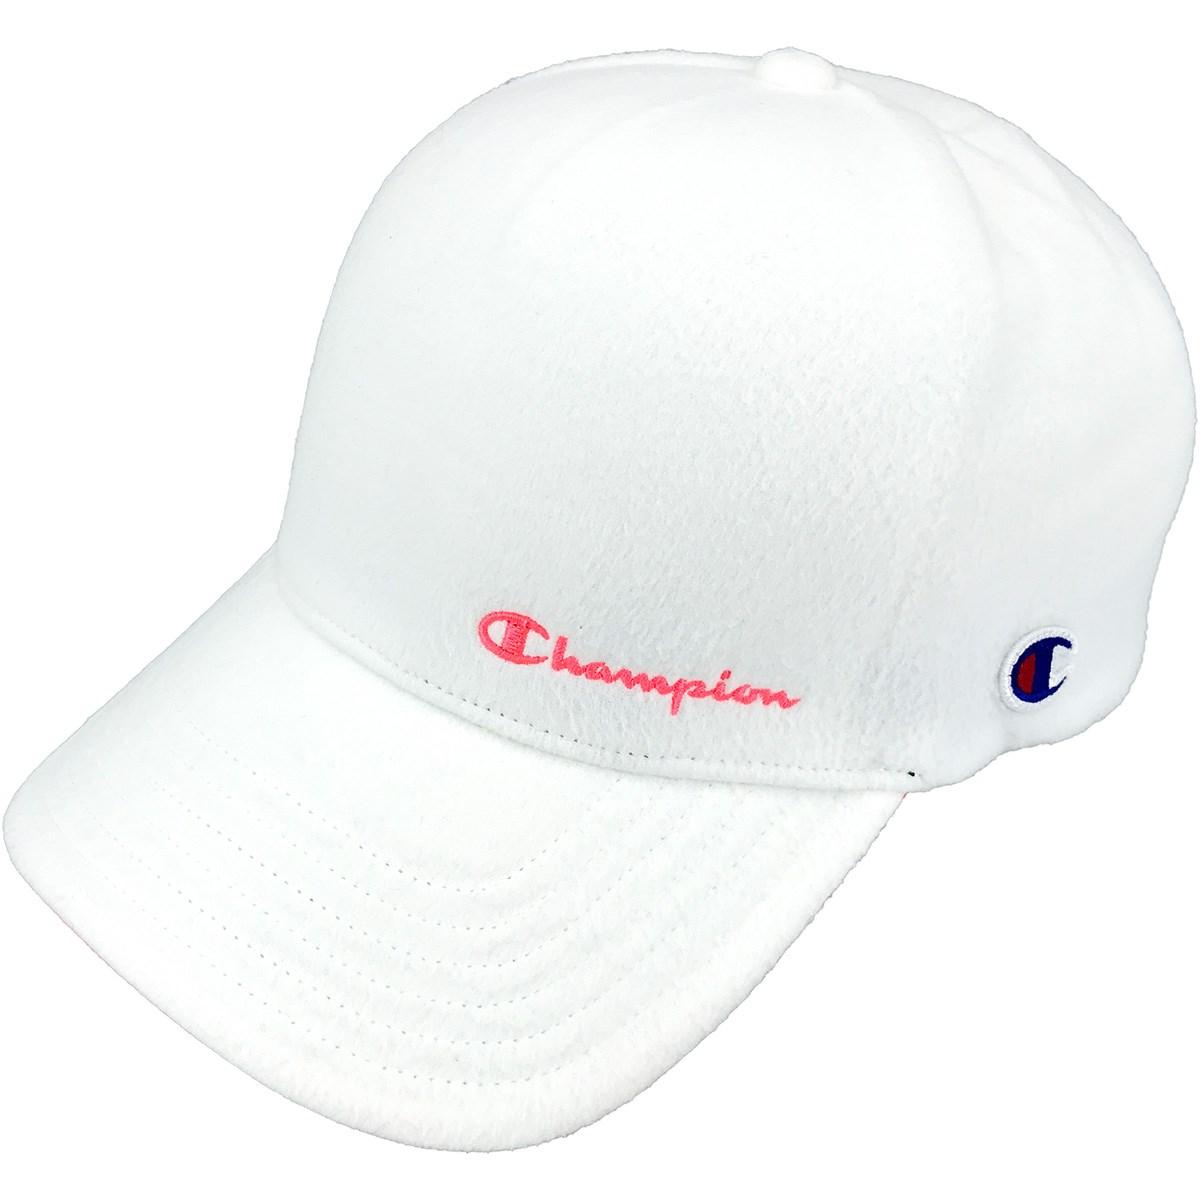 チャンピオンゴルフ Champion GOLF フリースキャップ フリー ホワイト 010 レディス